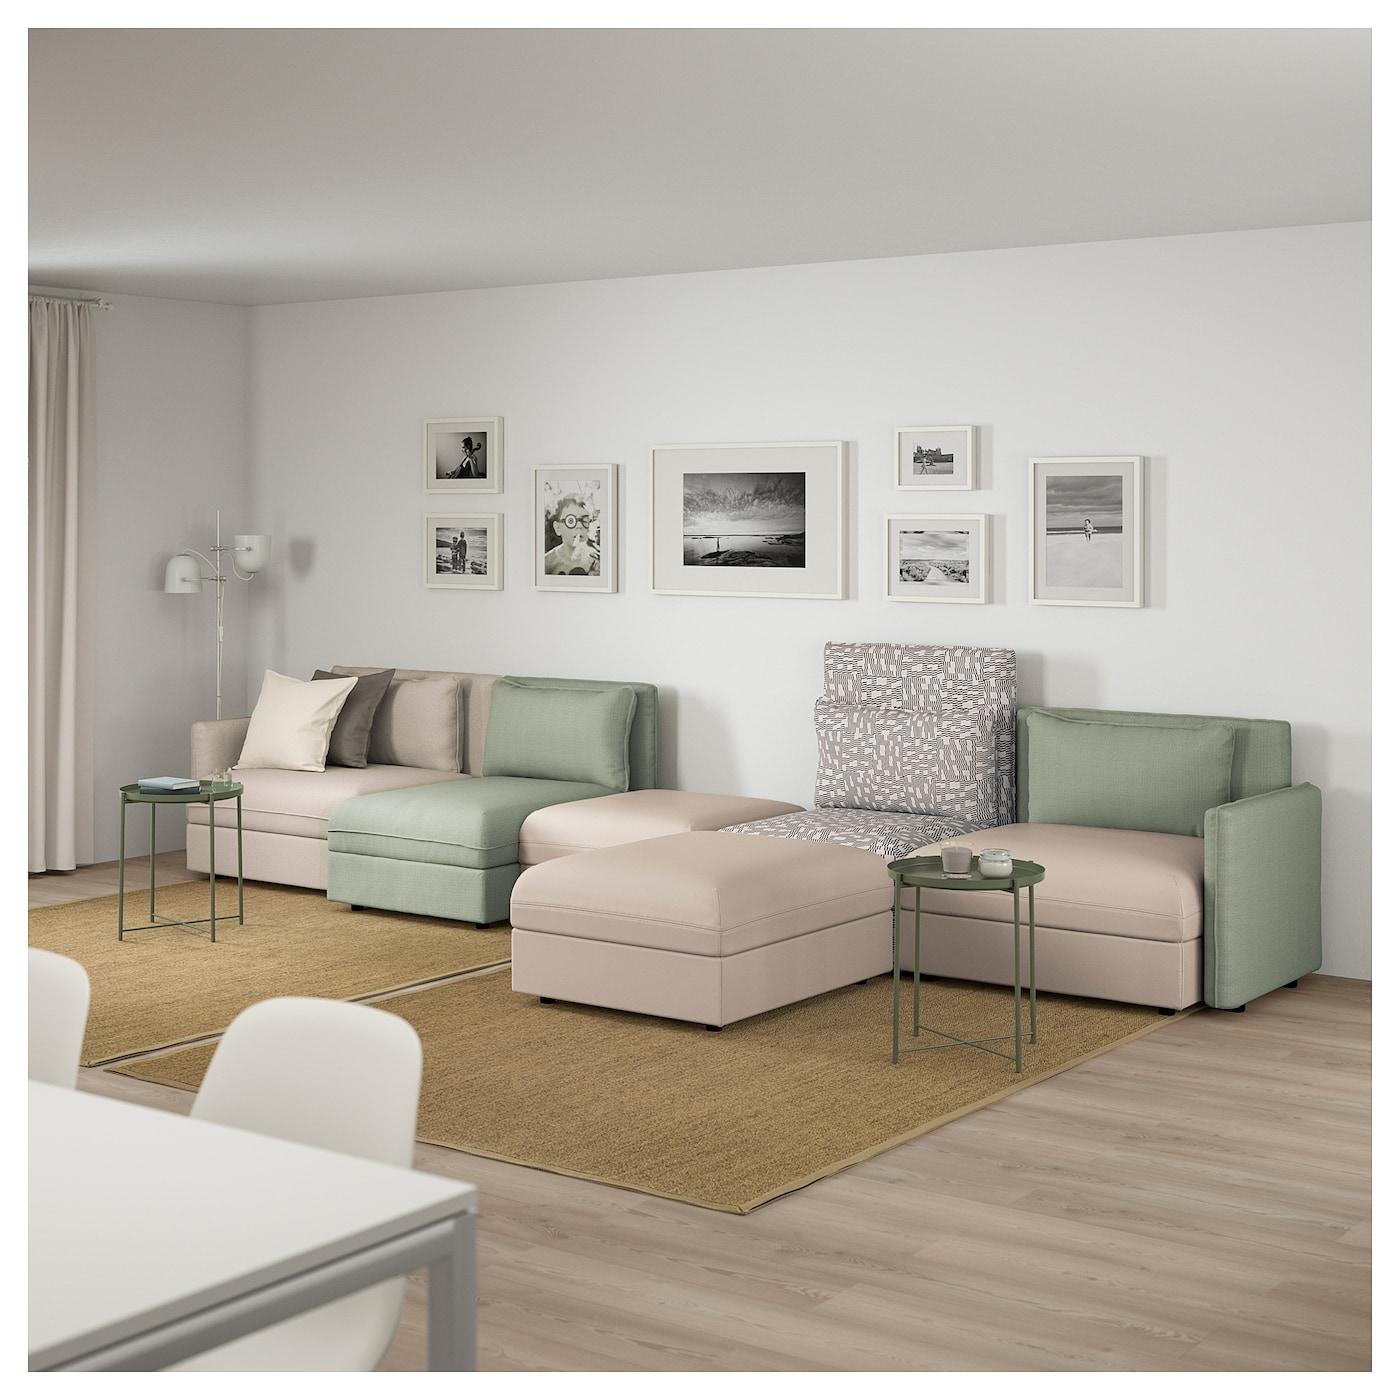 vallentuna 5 zitsbank murum beige hillared groen ikea. Black Bedroom Furniture Sets. Home Design Ideas